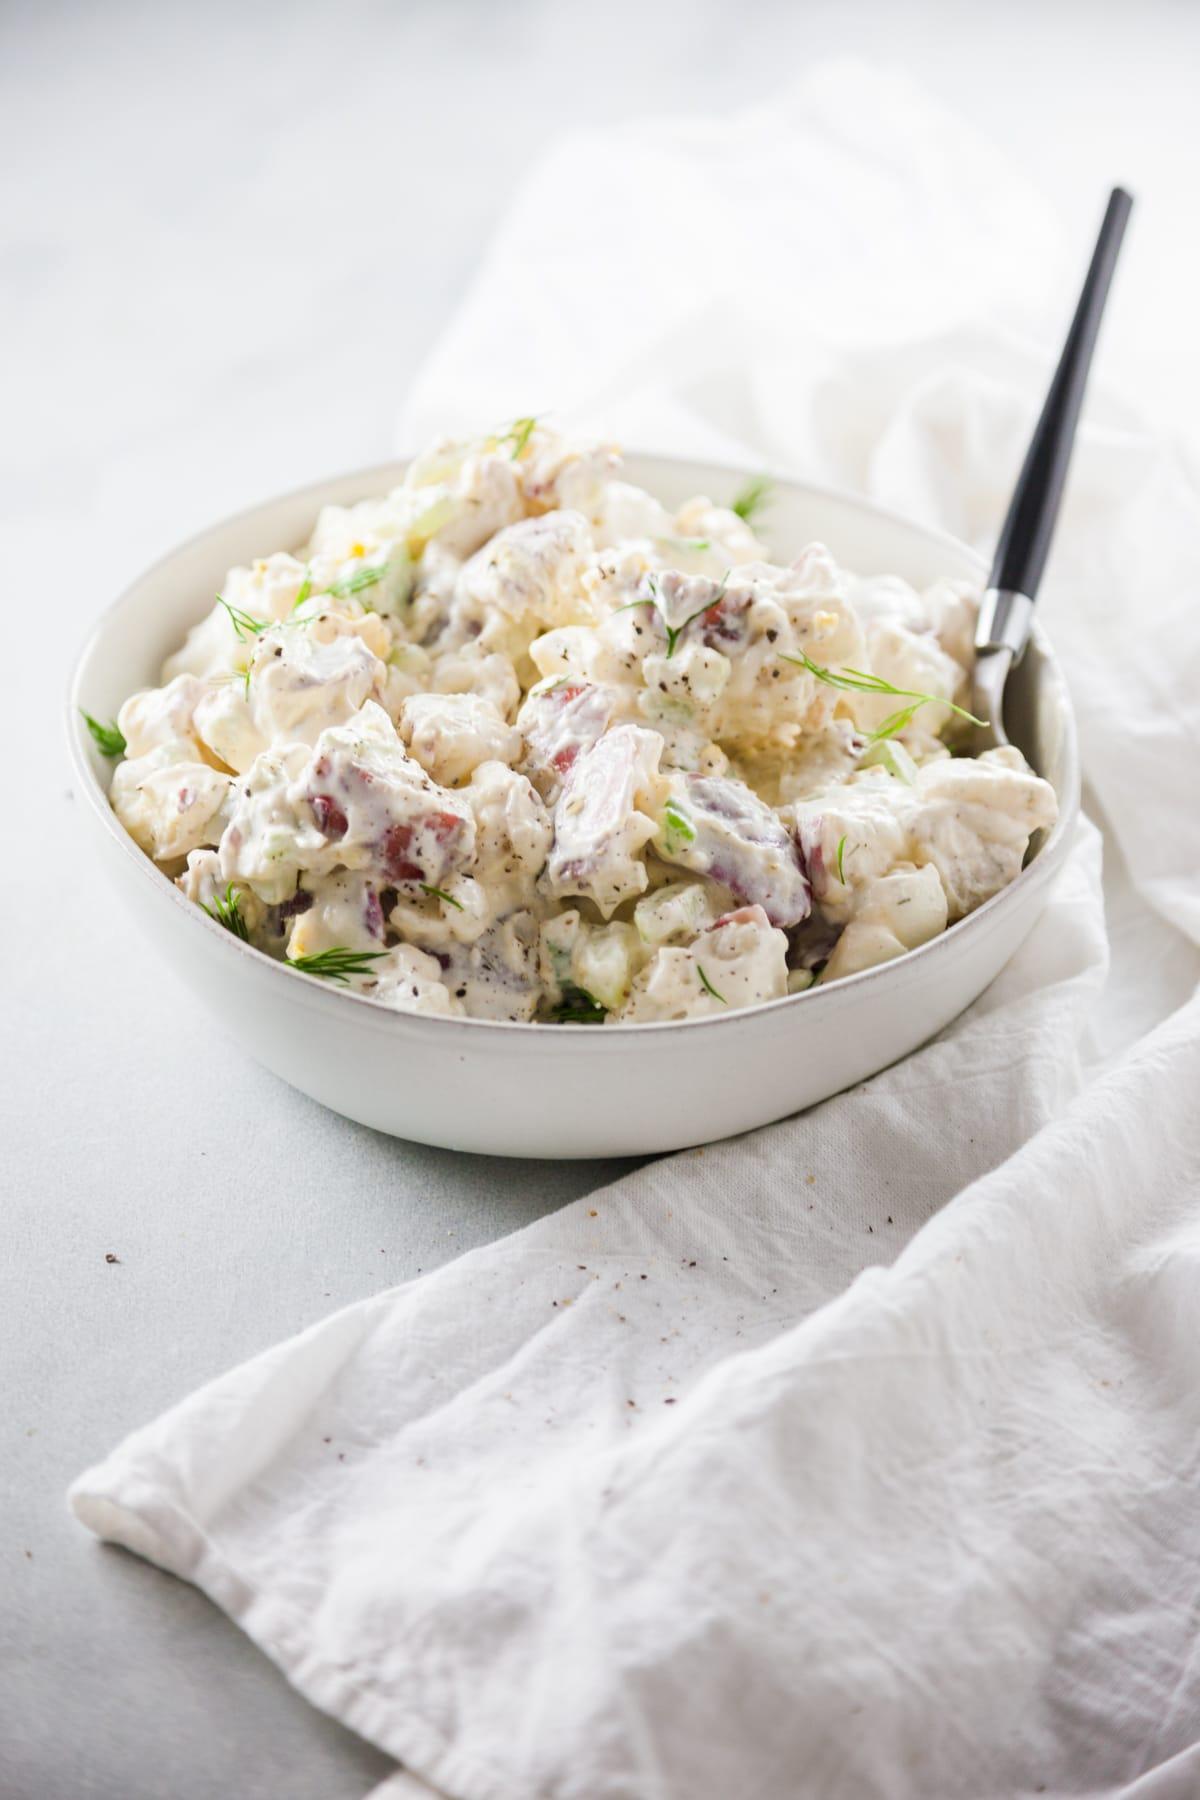 Cold Creamy Potato Salad Recipe